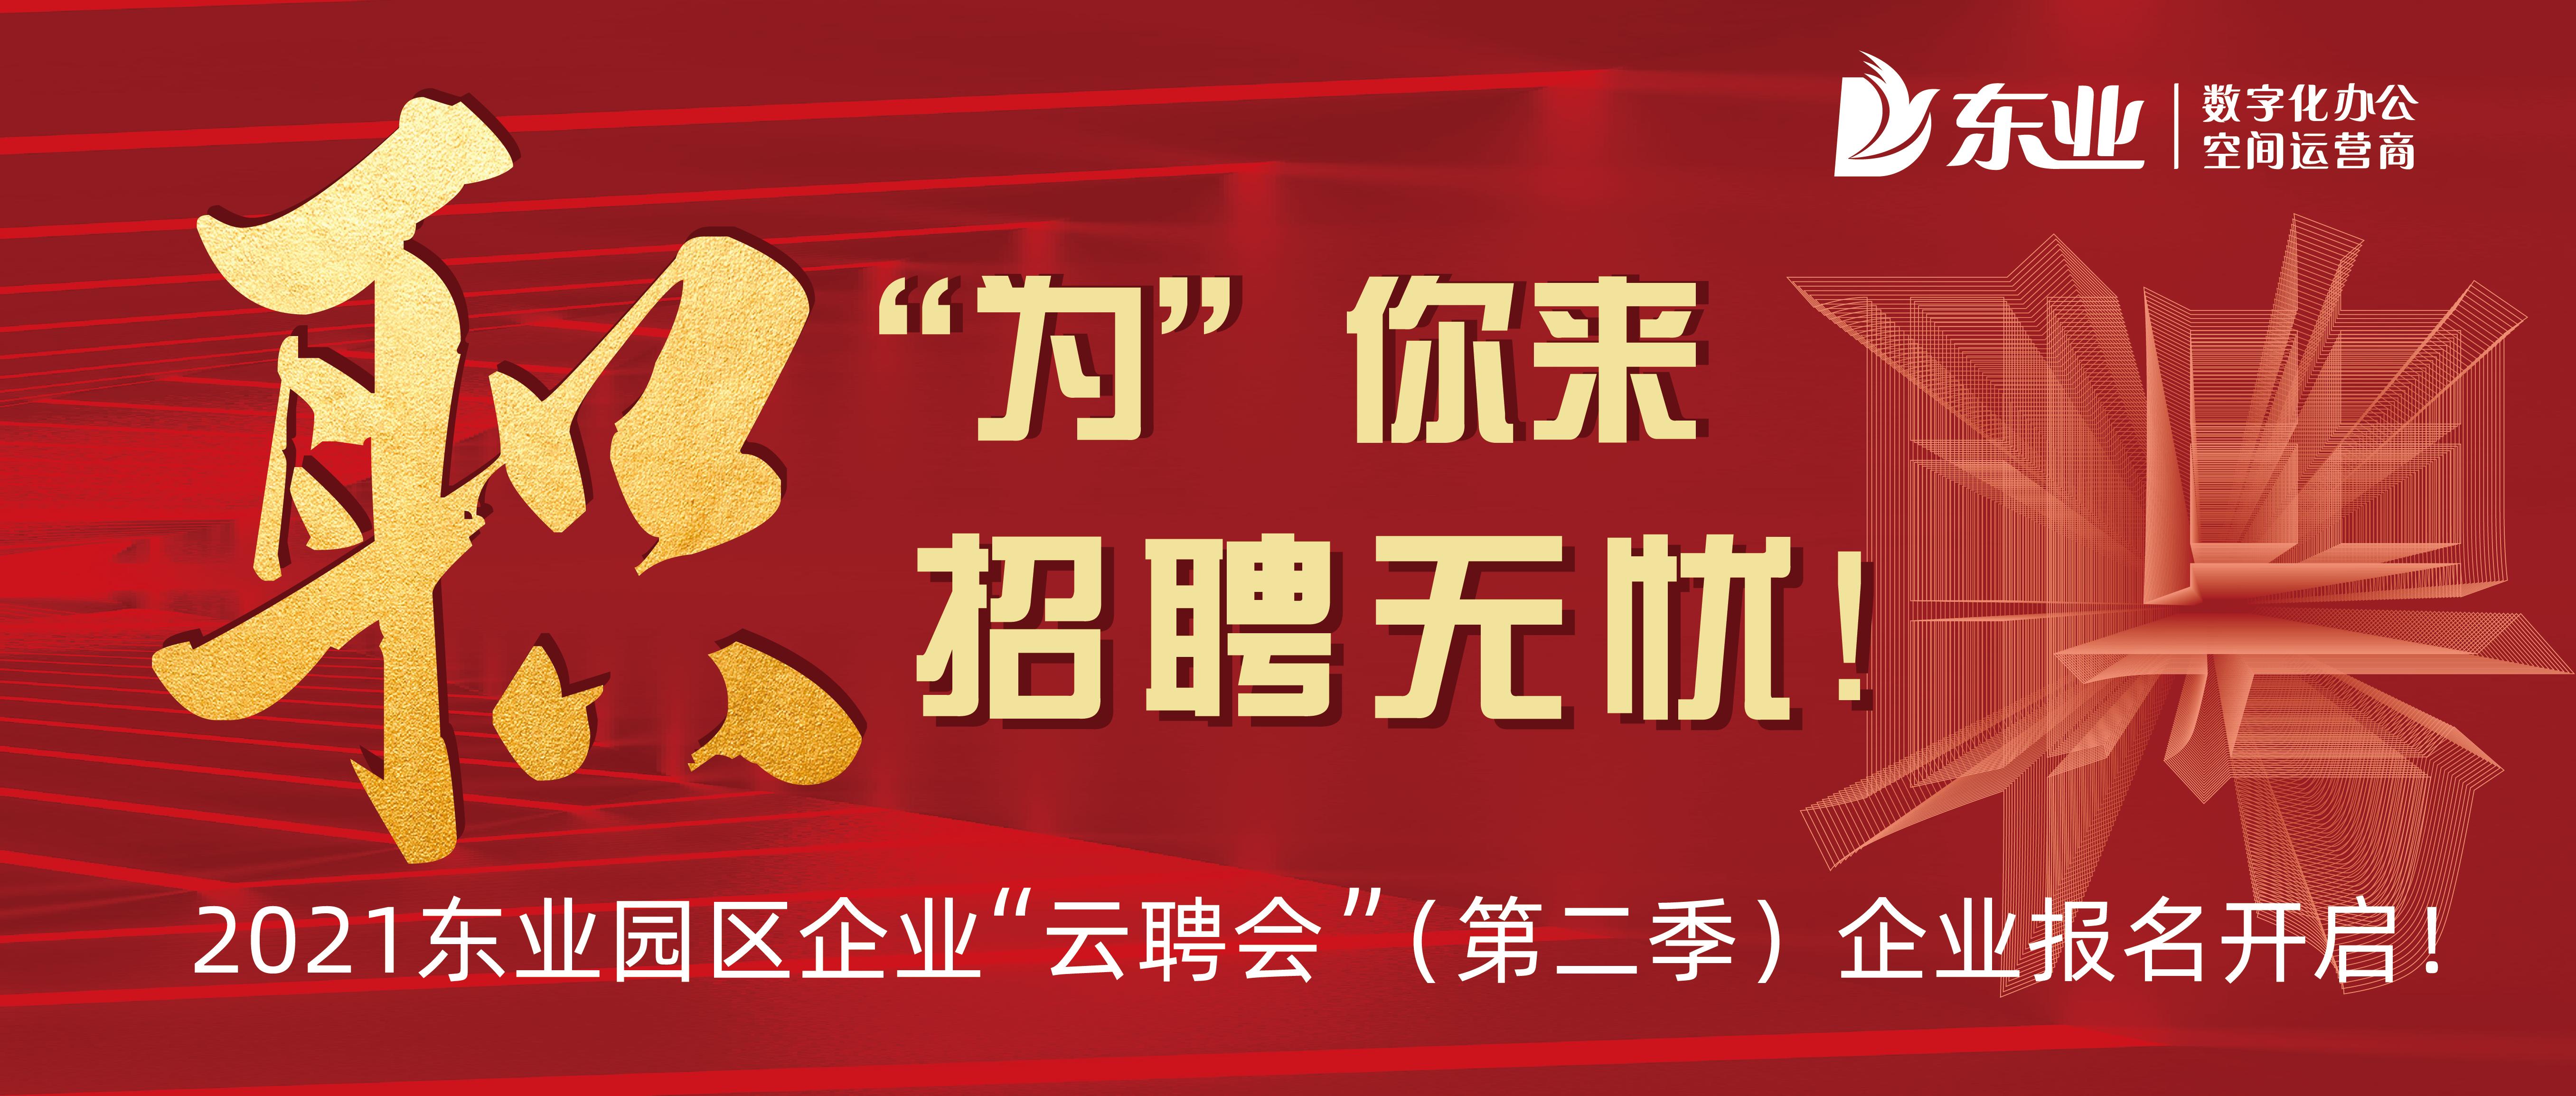 """职""""为""""你来 招聘无忧! 2021东业园区企业""""云聘会""""(第二季)企业报名开启!"""